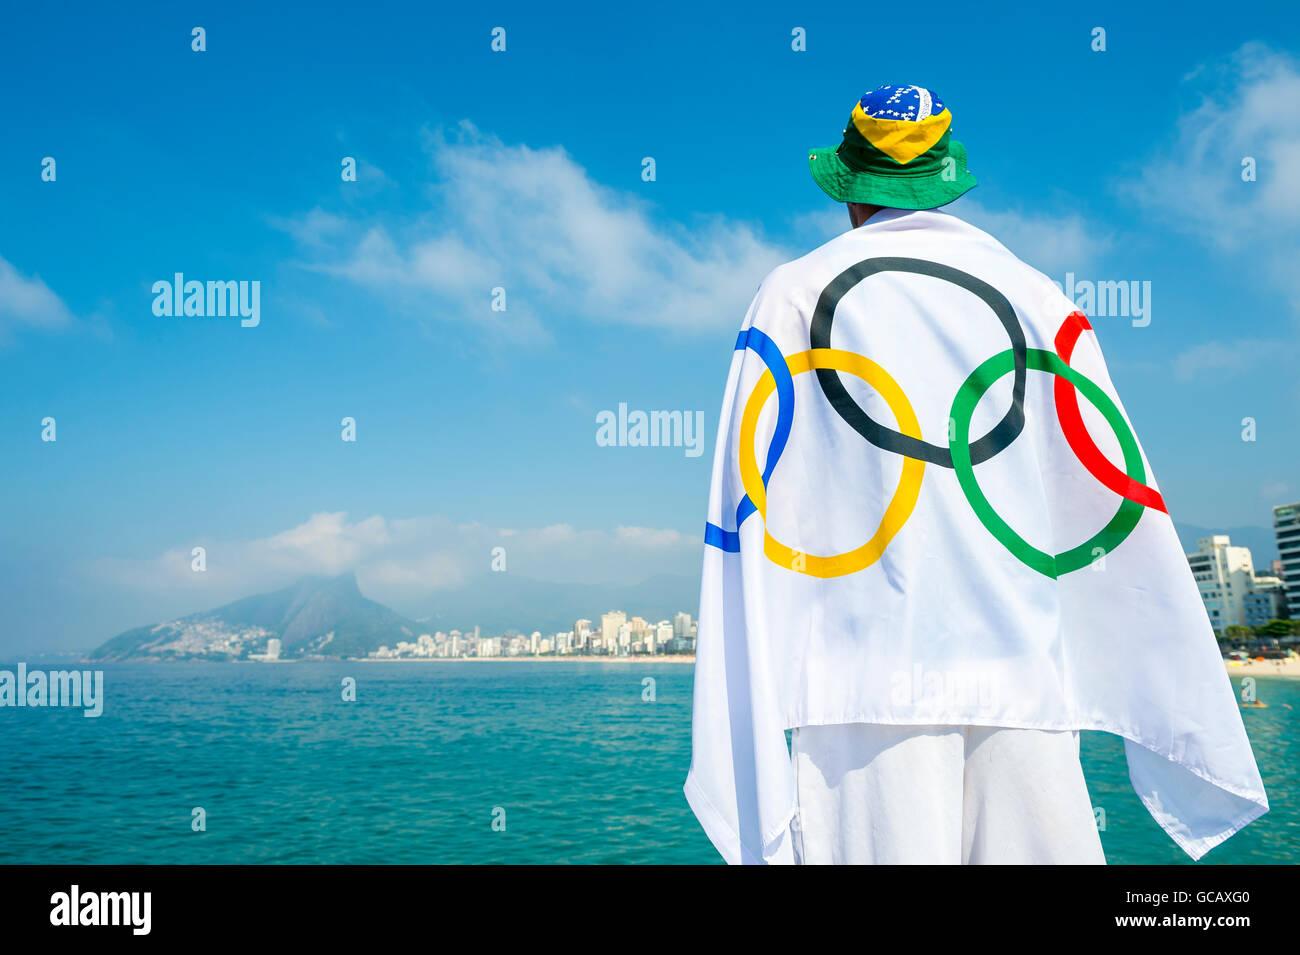 RIO DE JANEIRO - le 27 mars 2016: Athlète drapée de drapeau Olympique se dresse sur la rive d'Ipanema. Photo Stock